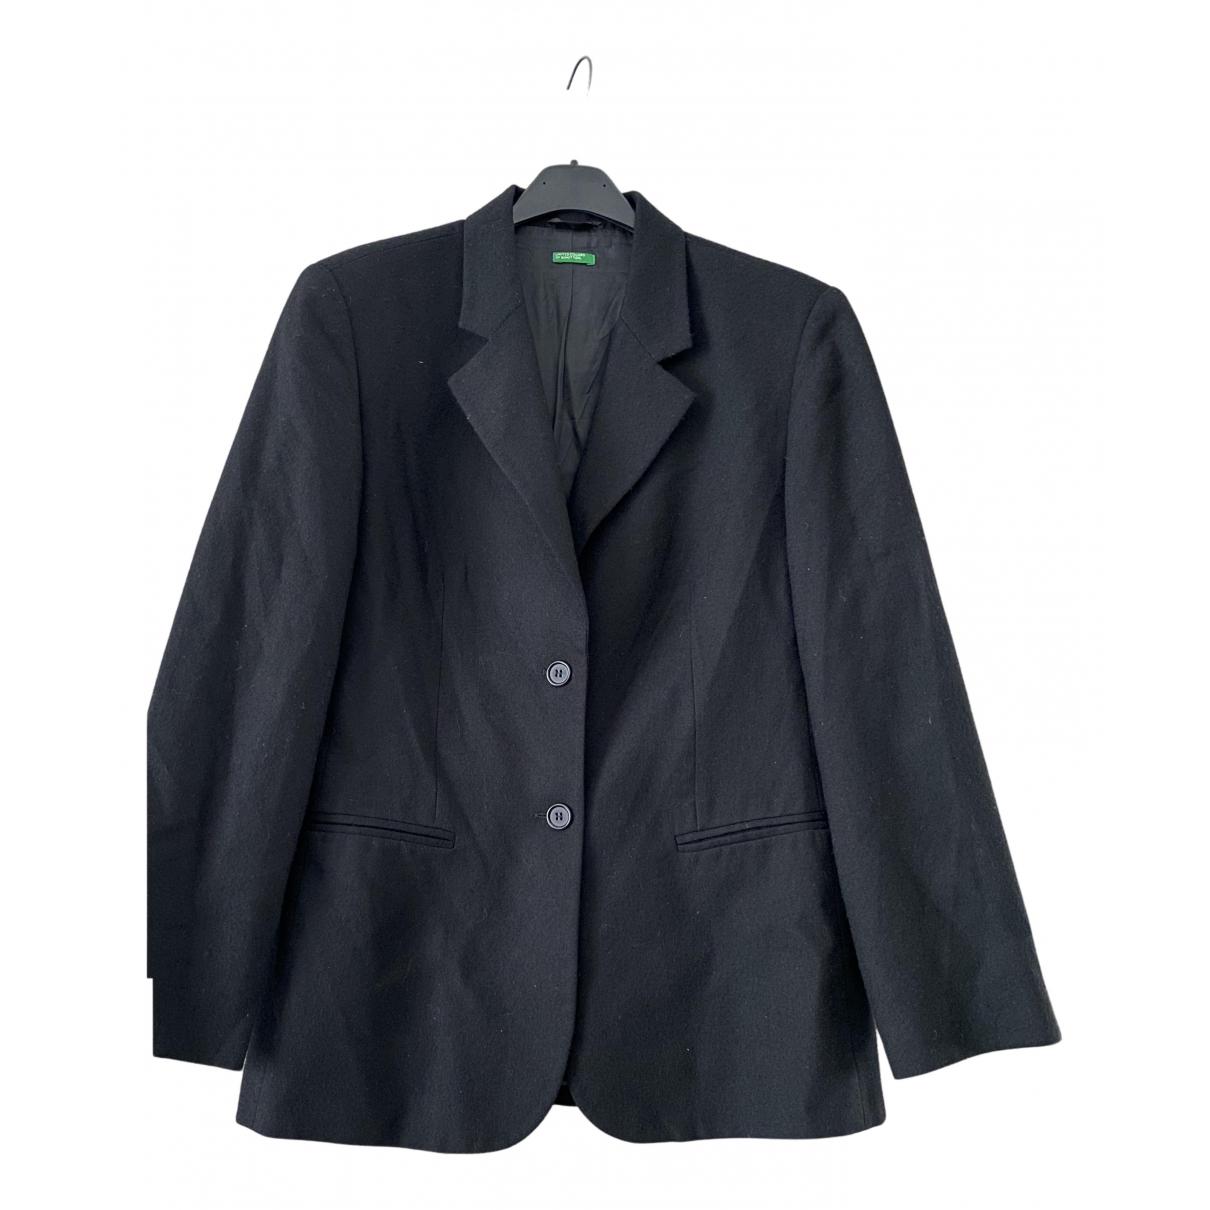 Benetton \N Jacke in  Schwarz Wolle